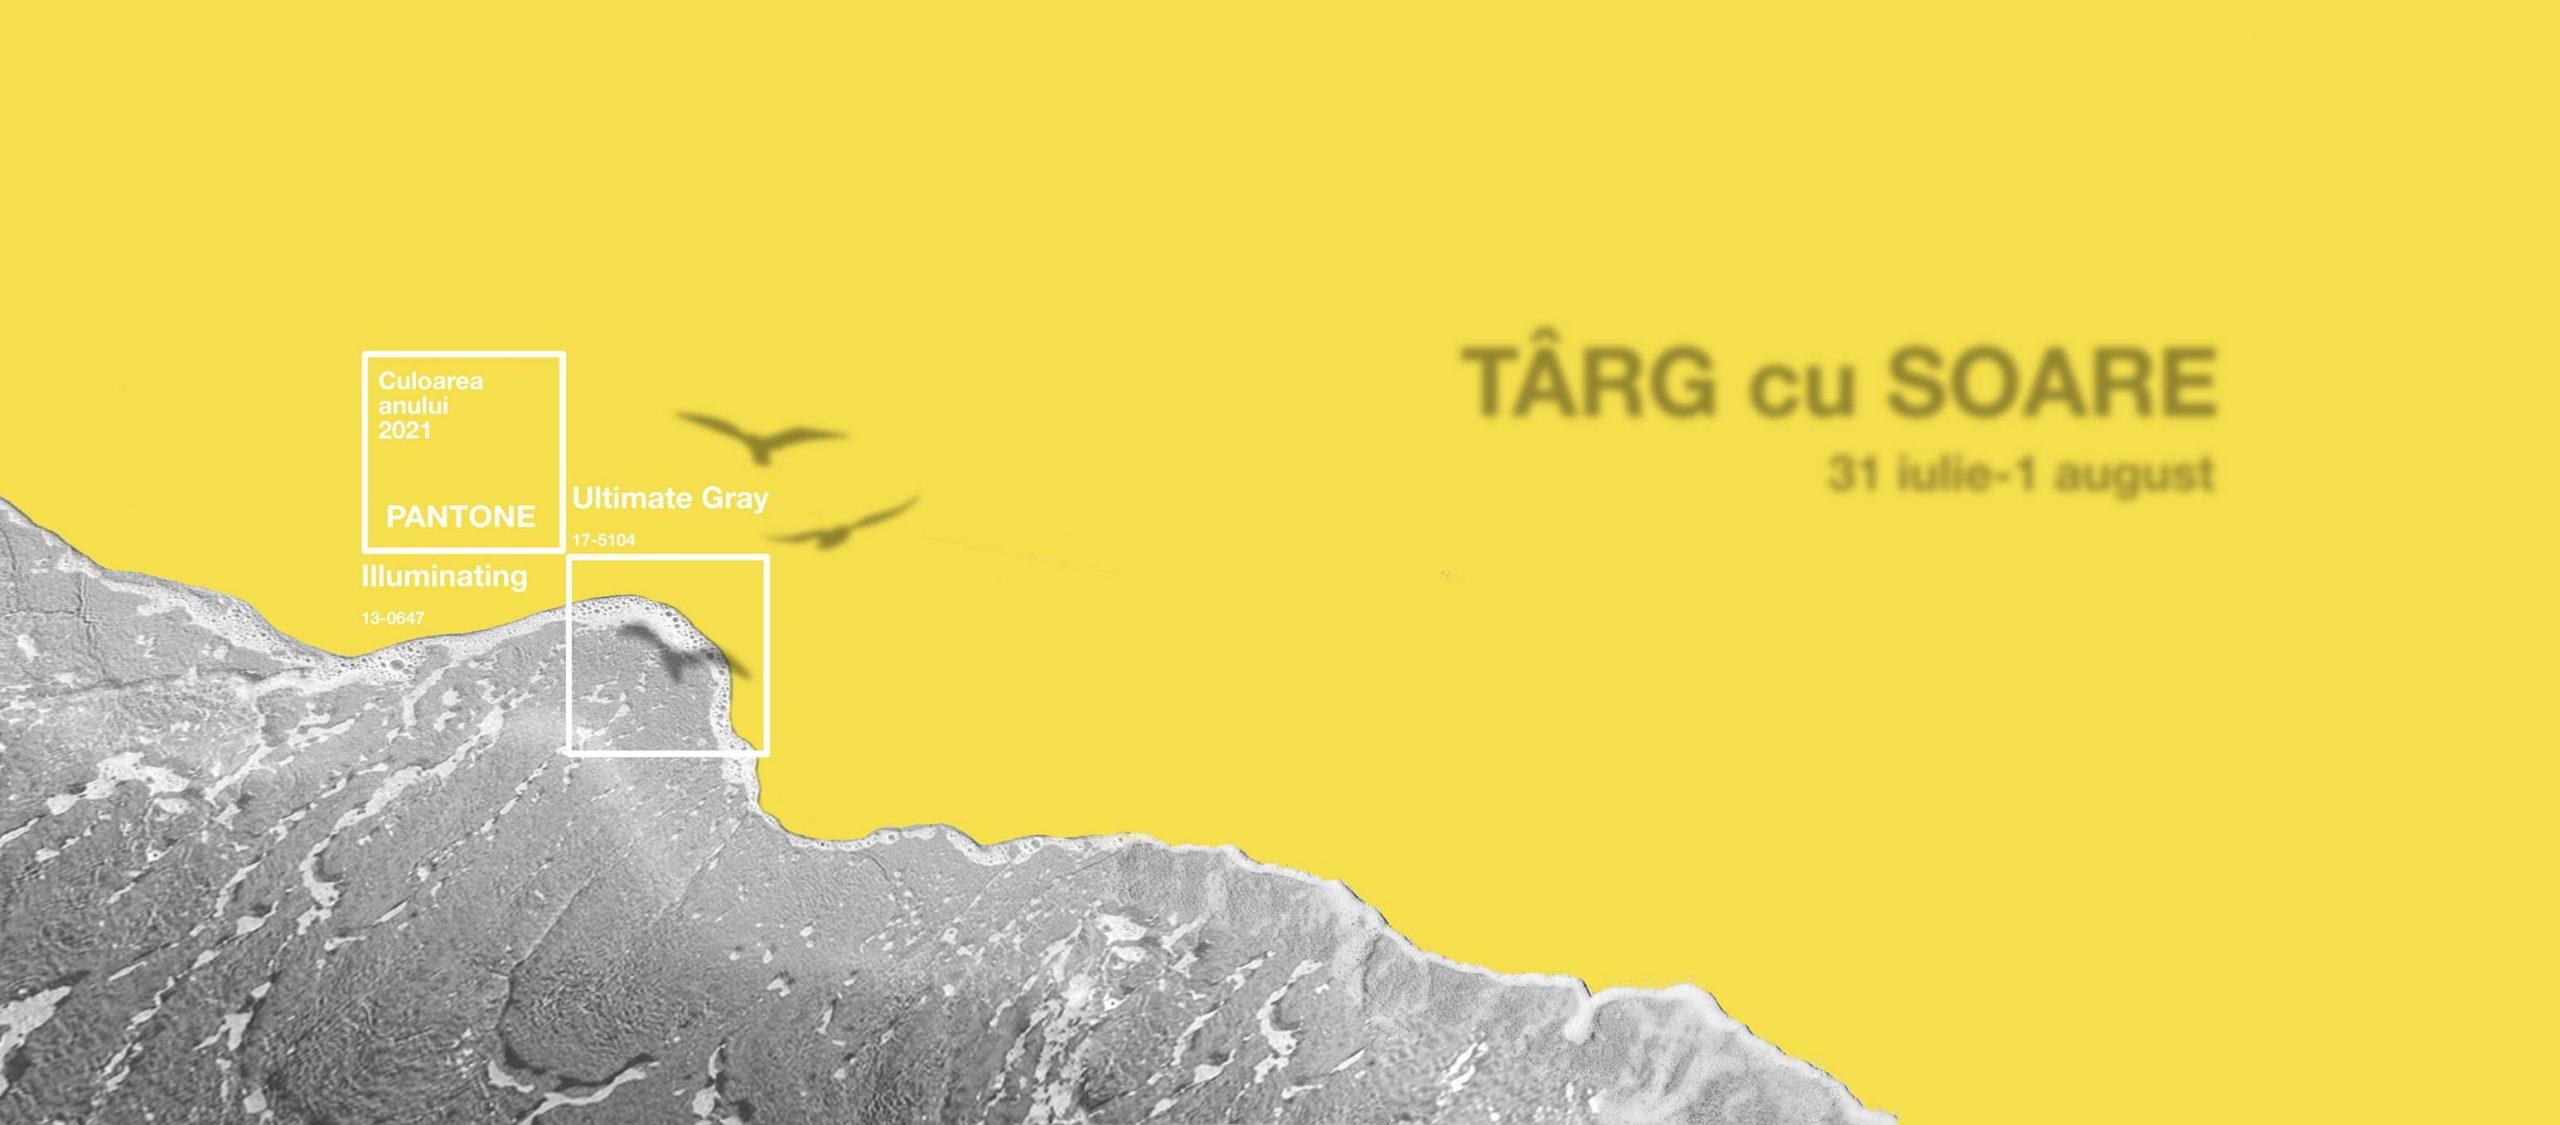 TÂRG cu SOARE